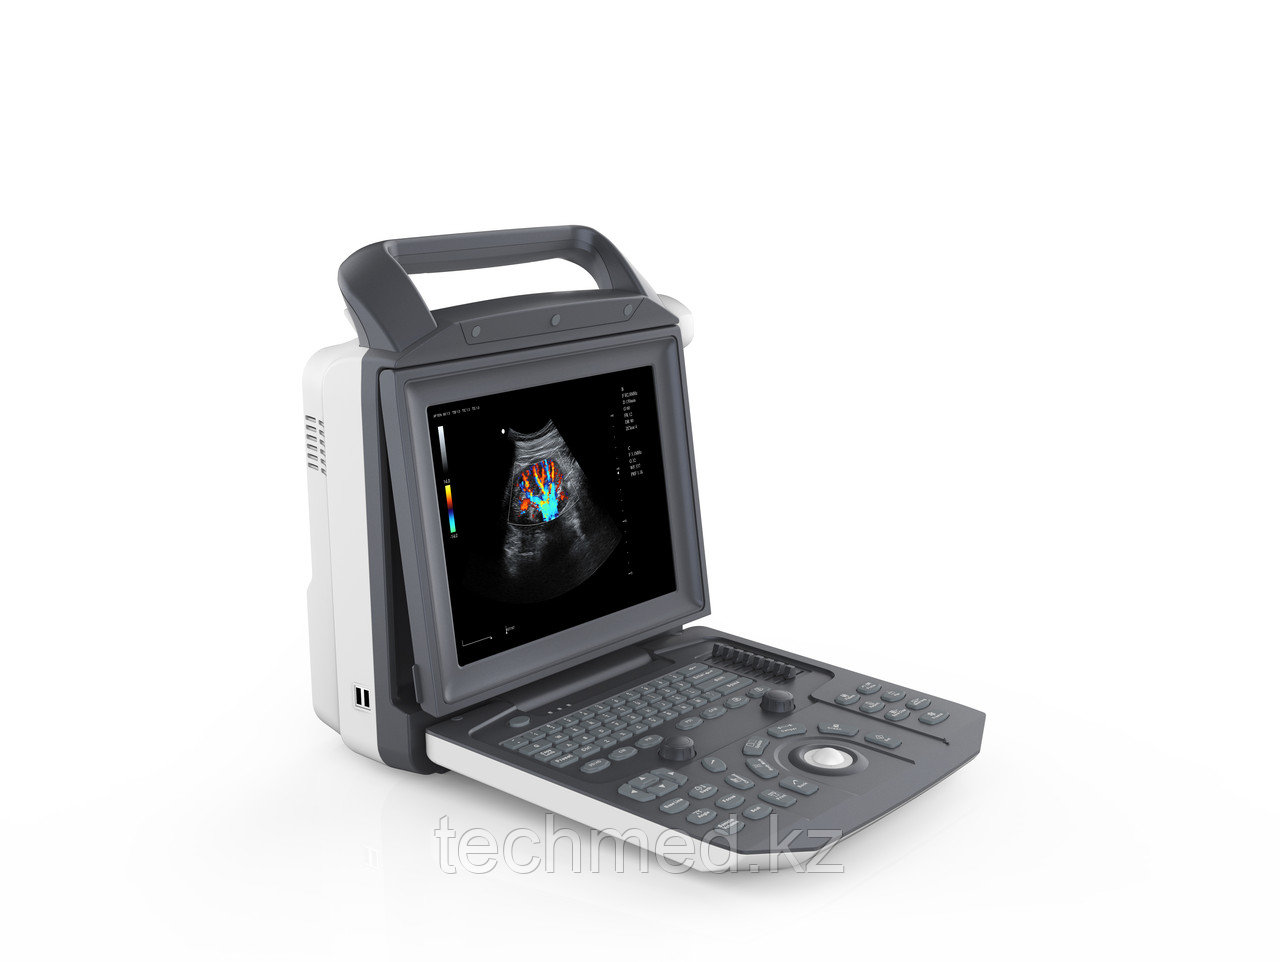 Цифровой стационарный УЗИ-сканер с цветным, энергетическим, импульсным и постоянным допплером ZONCARE Q3